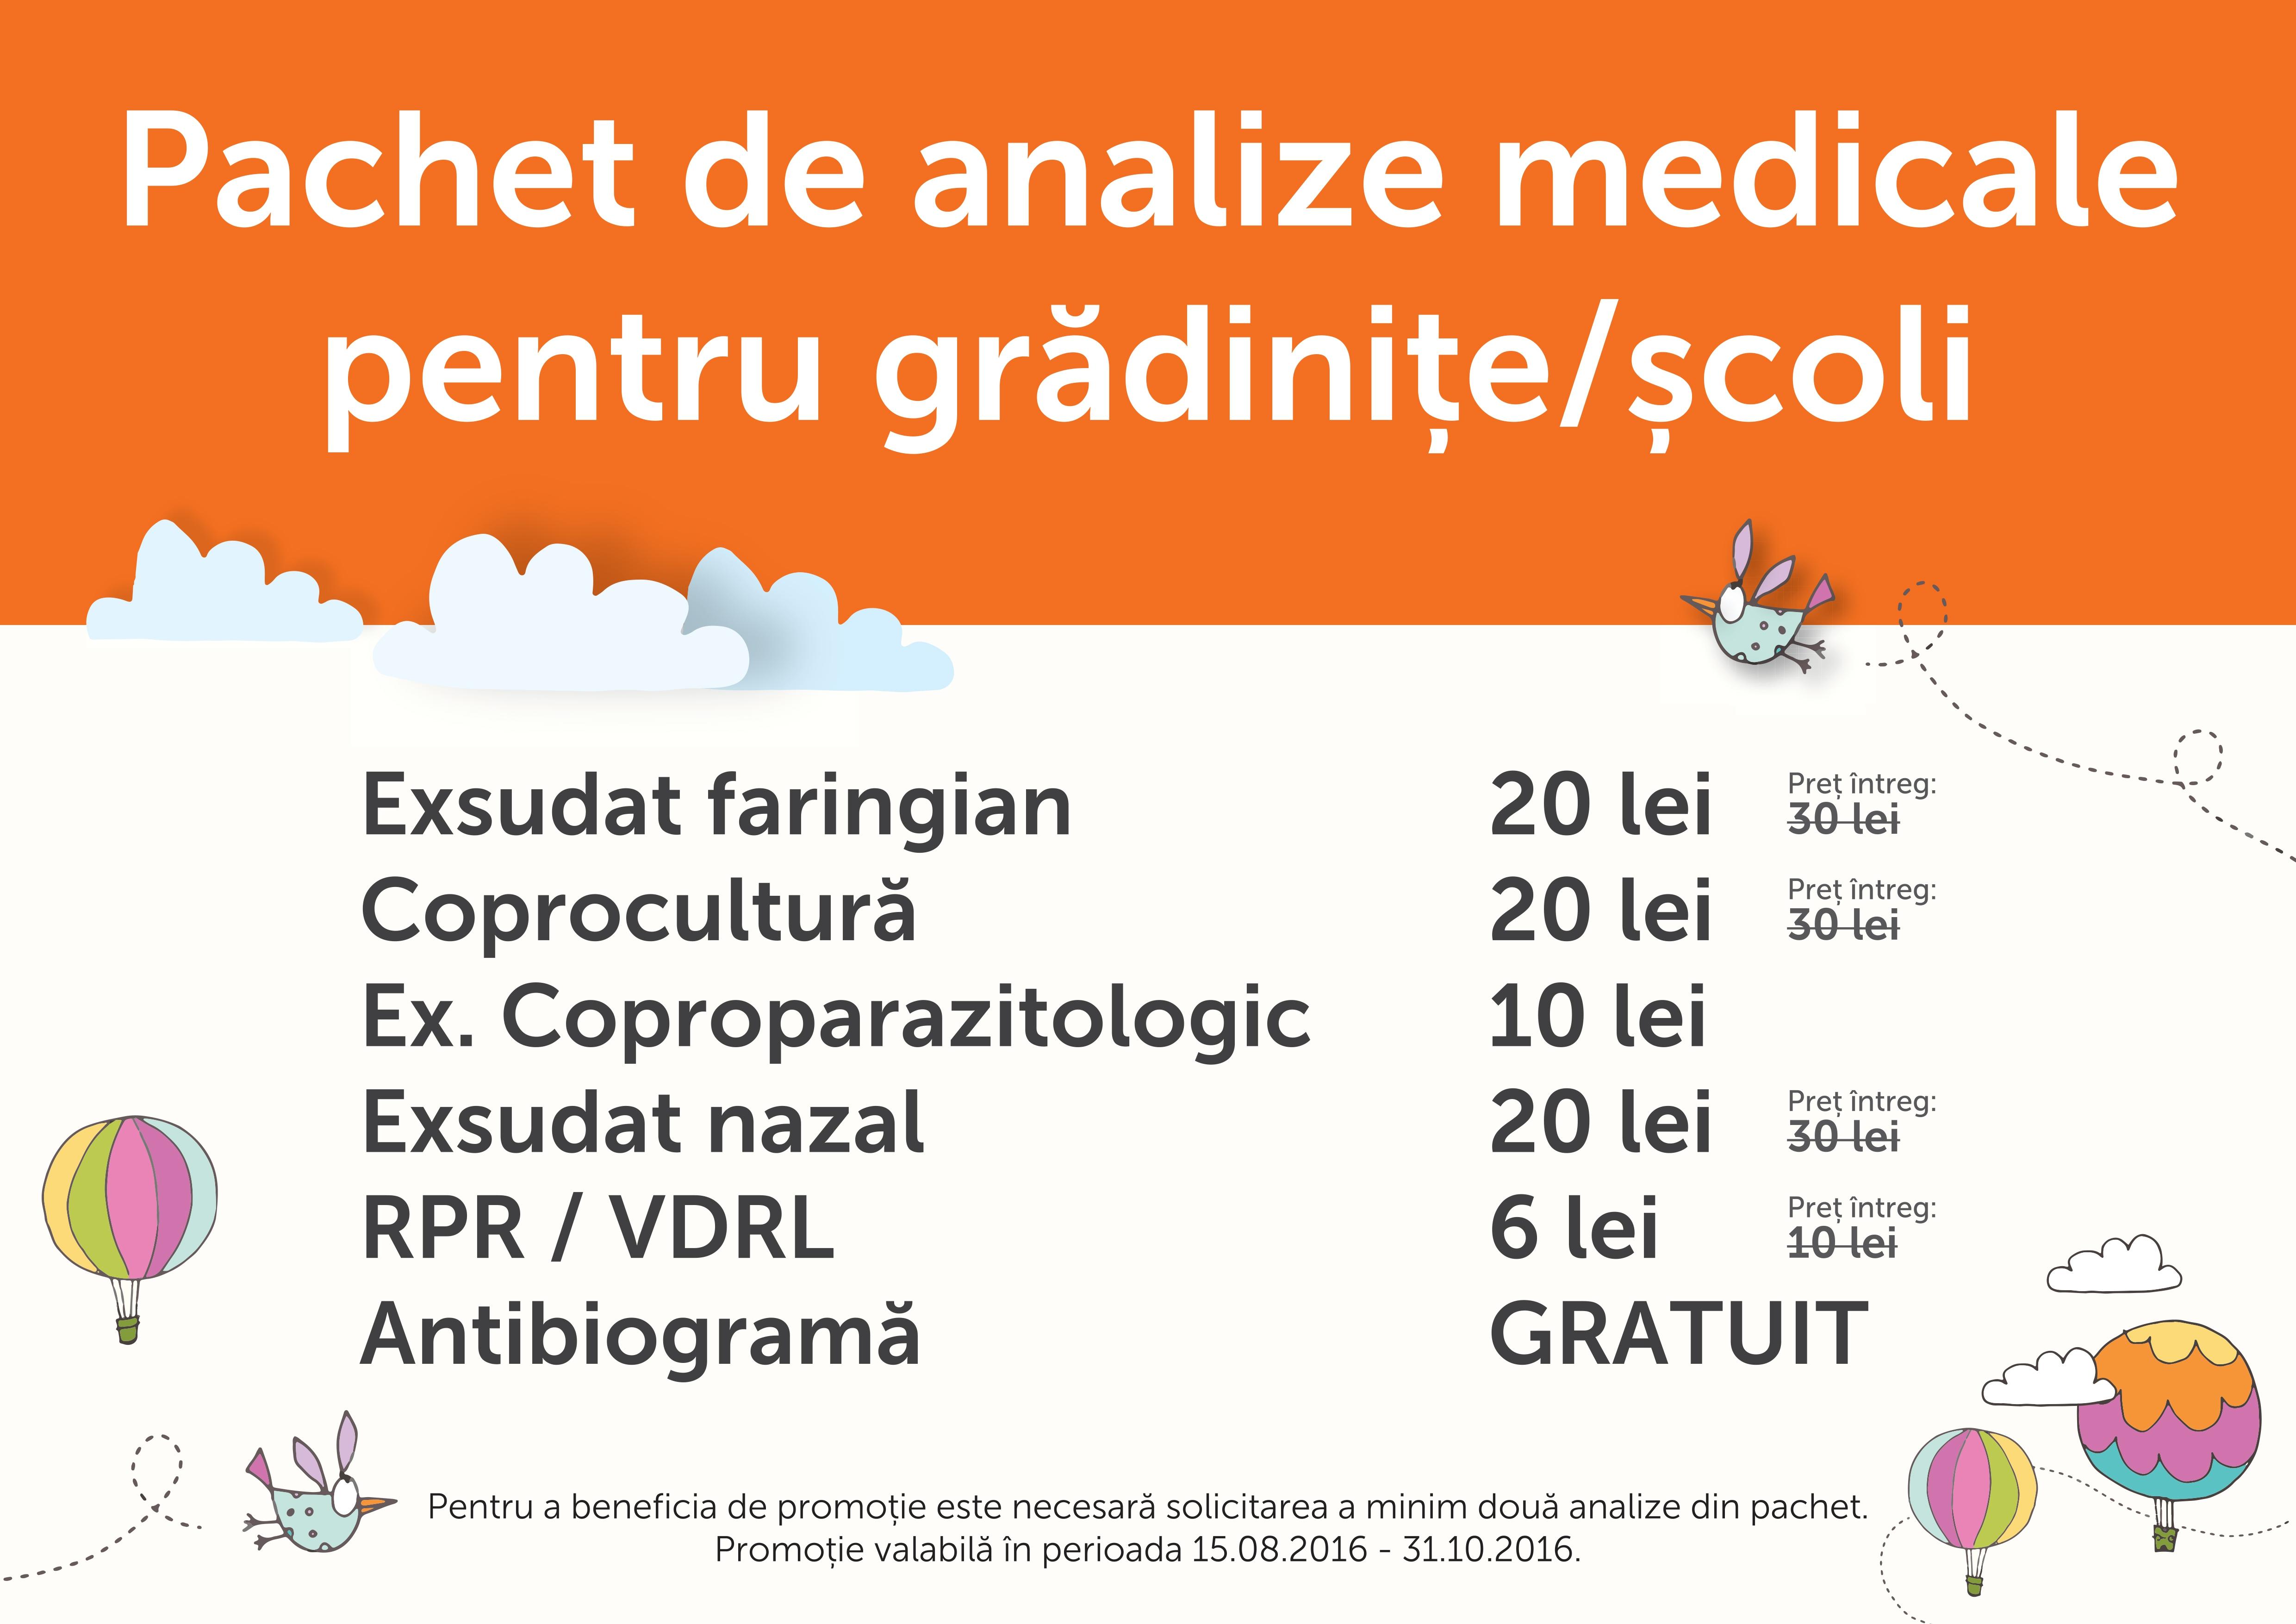 analize-medicale-gradinite-scoli-pret